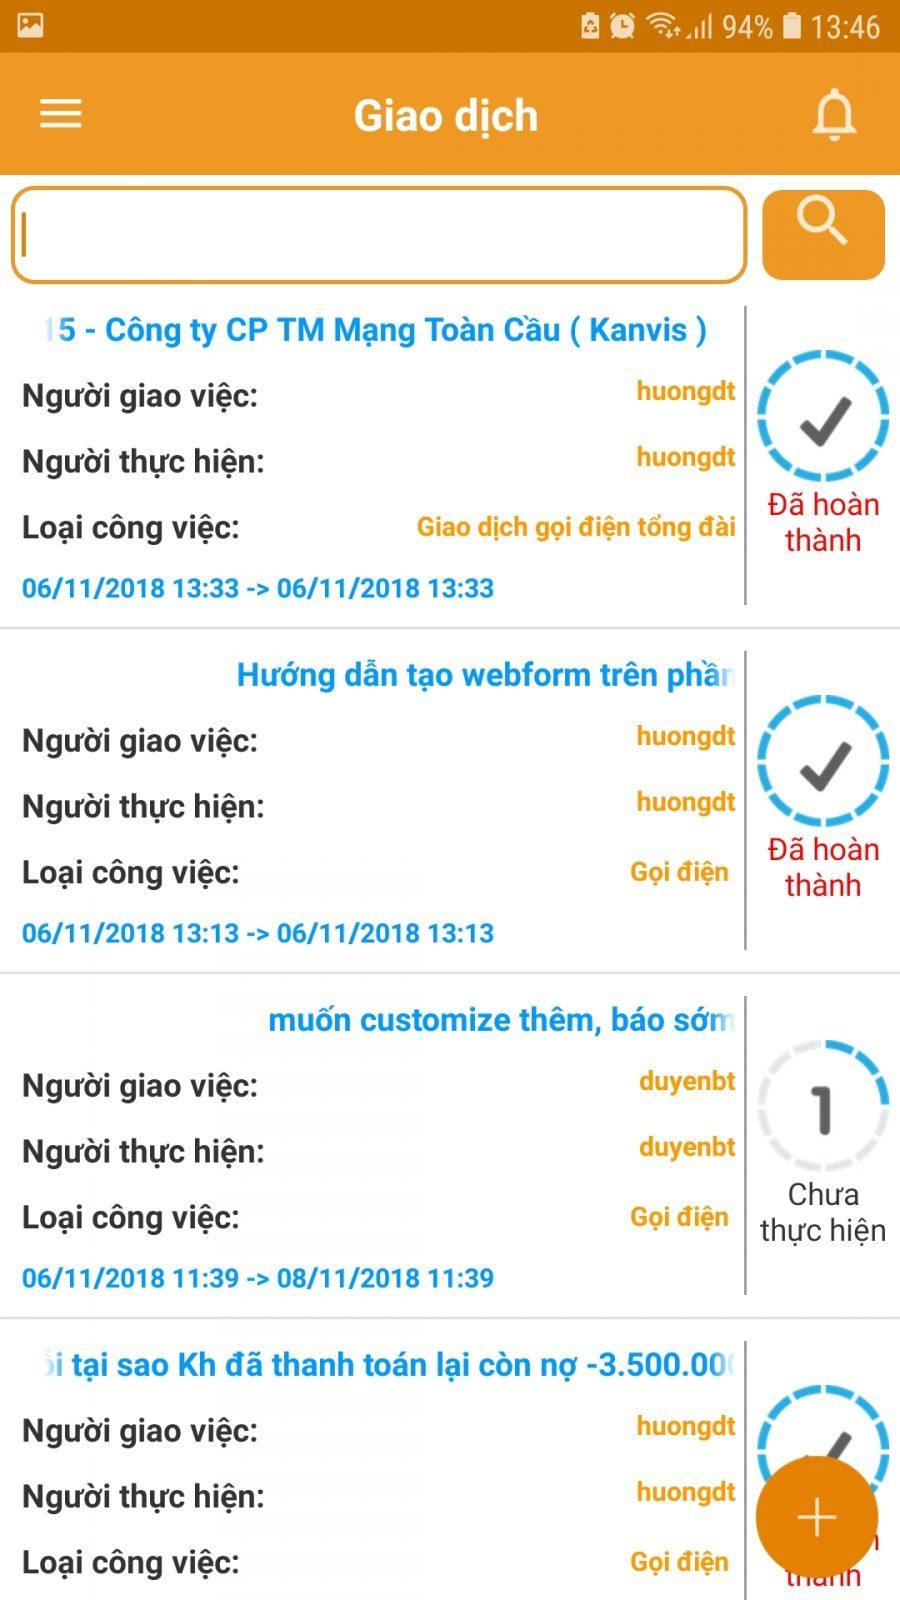 Tính năng Giao dịch trên app CrmViet